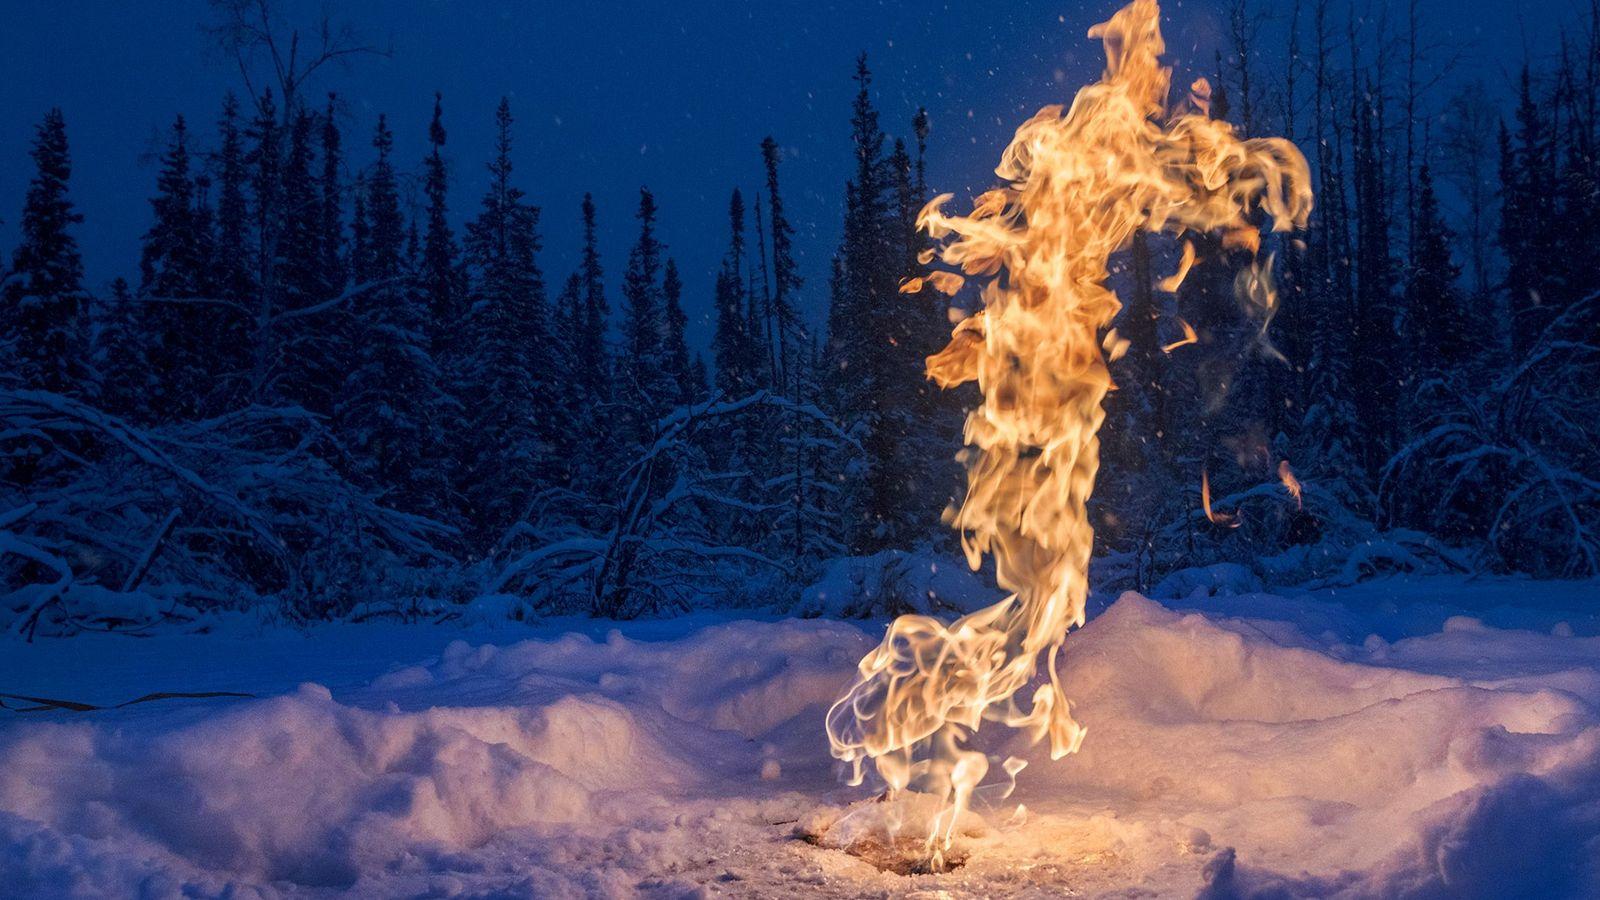 El gas metano se escapa del suelo de forma natural y de la extracción de carbón, ...